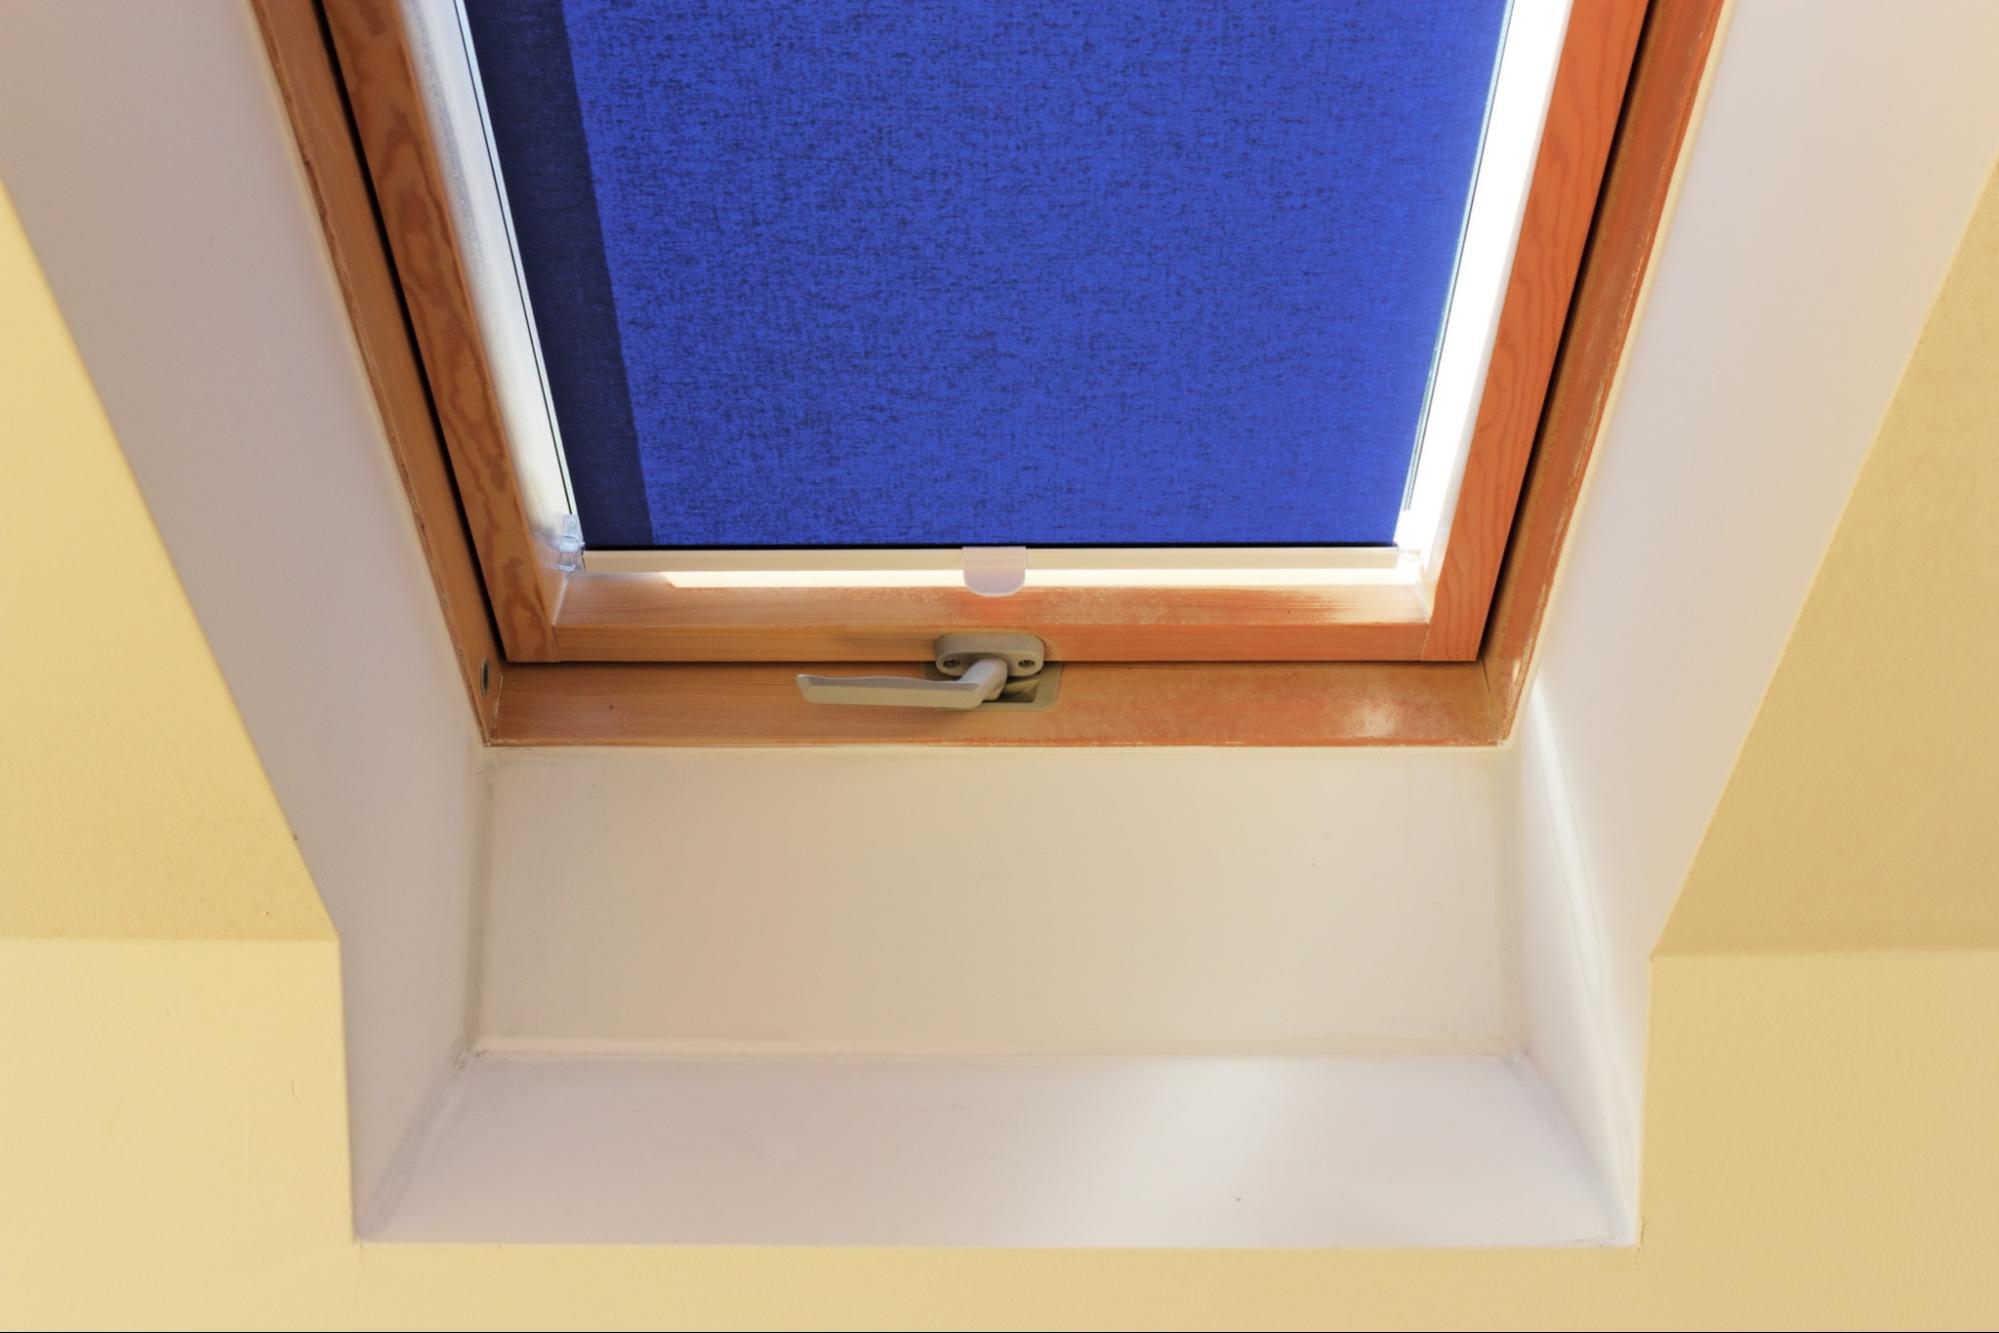 fitting Velux skylight blinds